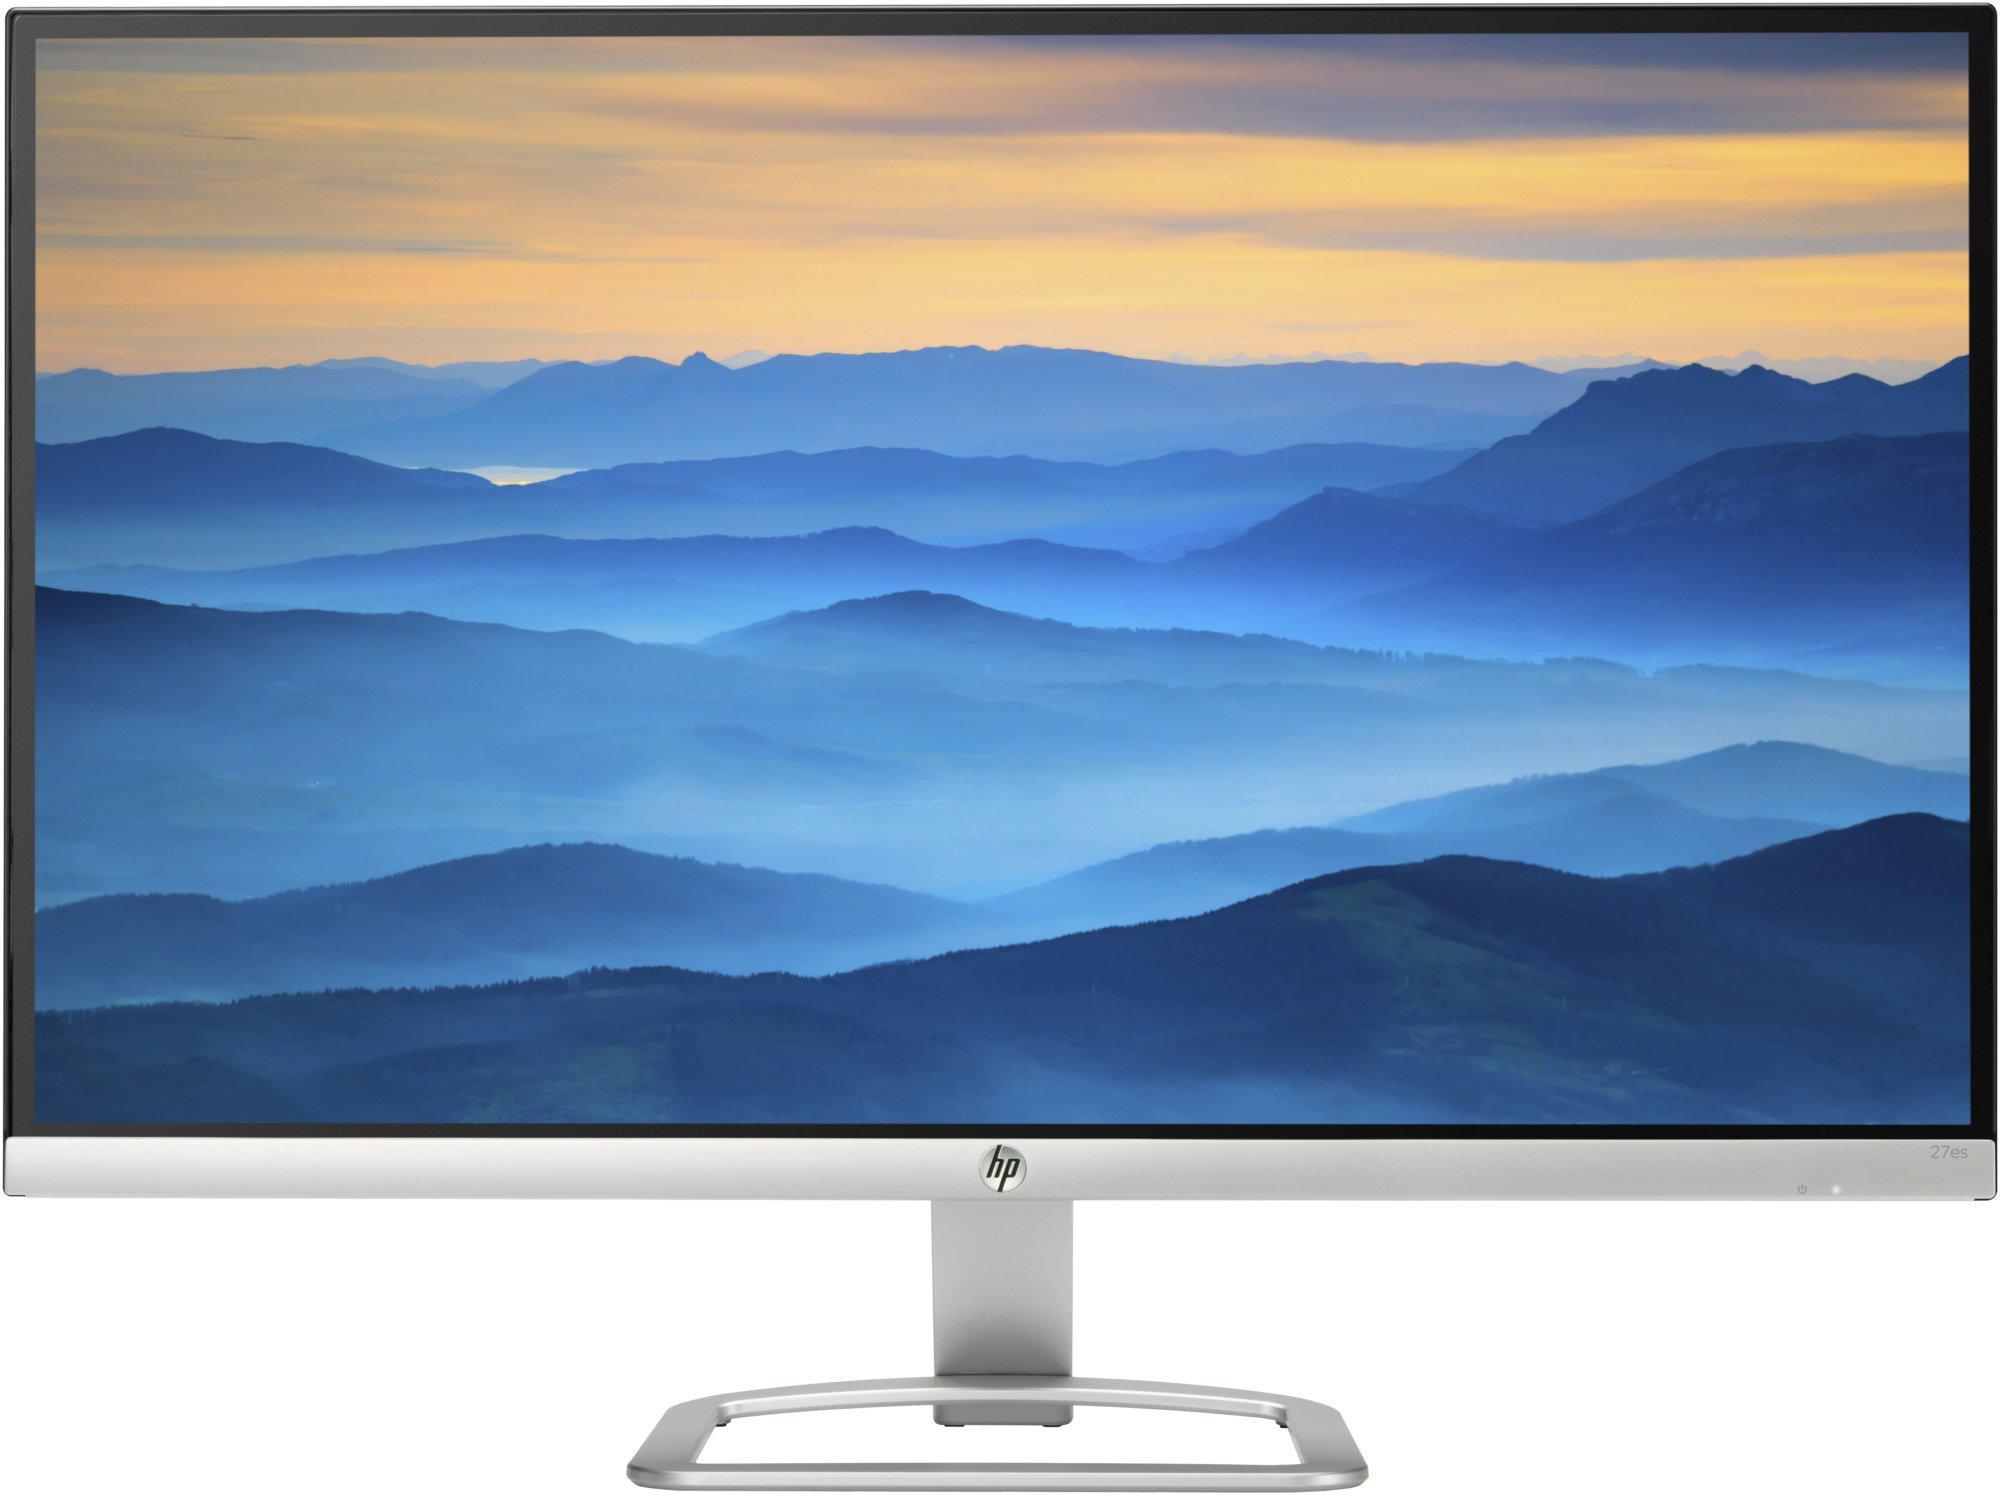 HP 27es - LED monitor 27